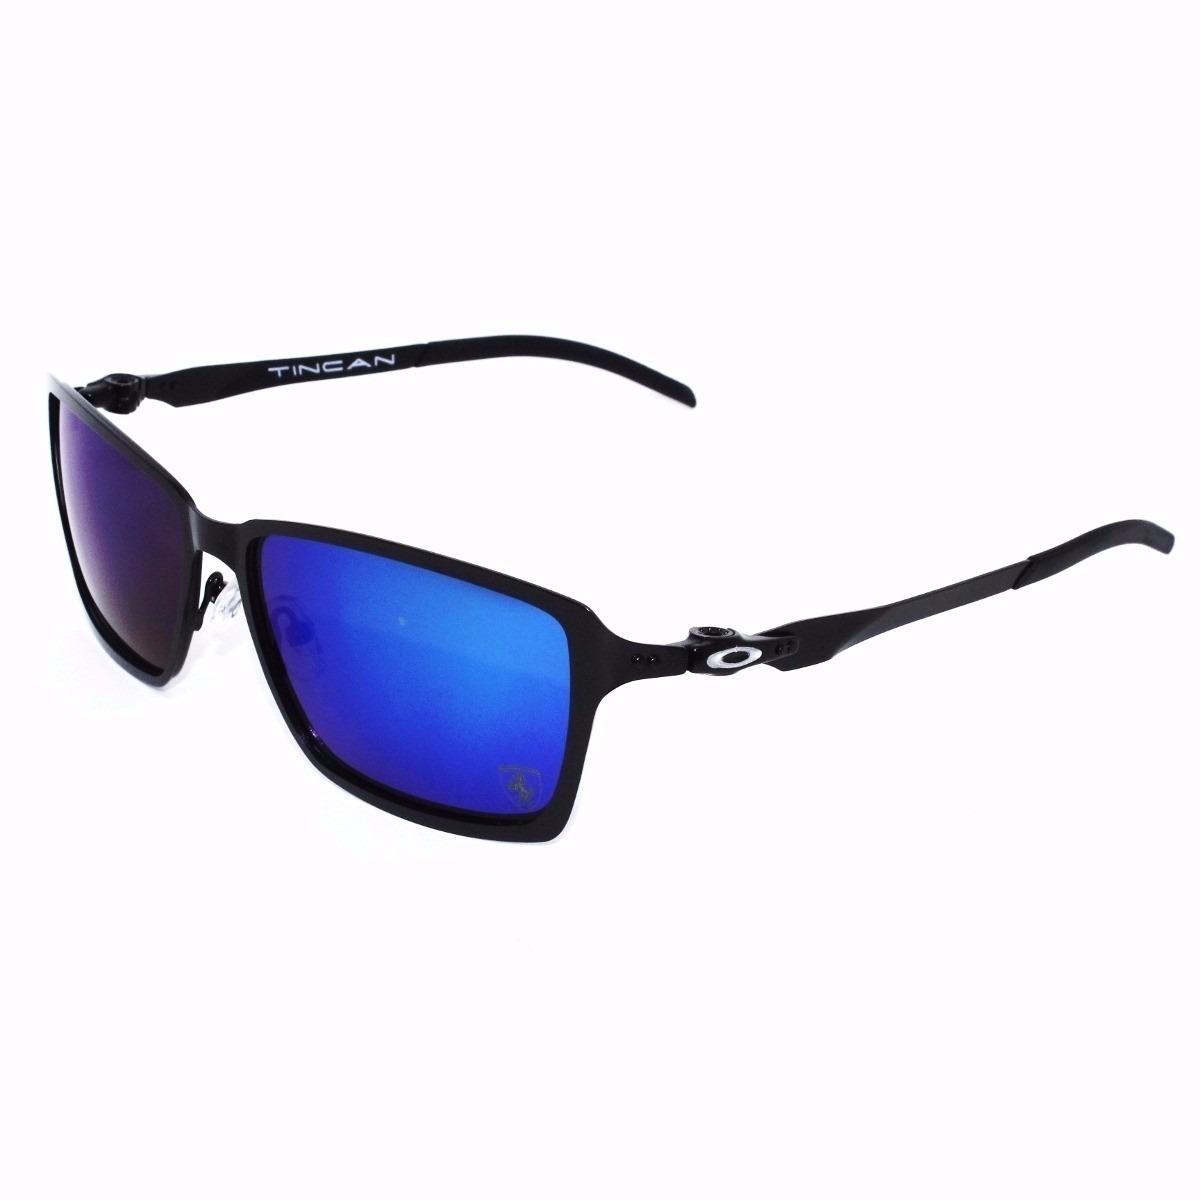 43d3c52a5 Oculos Oakley Tican Ferrari X Metal Lente Magic Blue - R$ 120,00 em ...